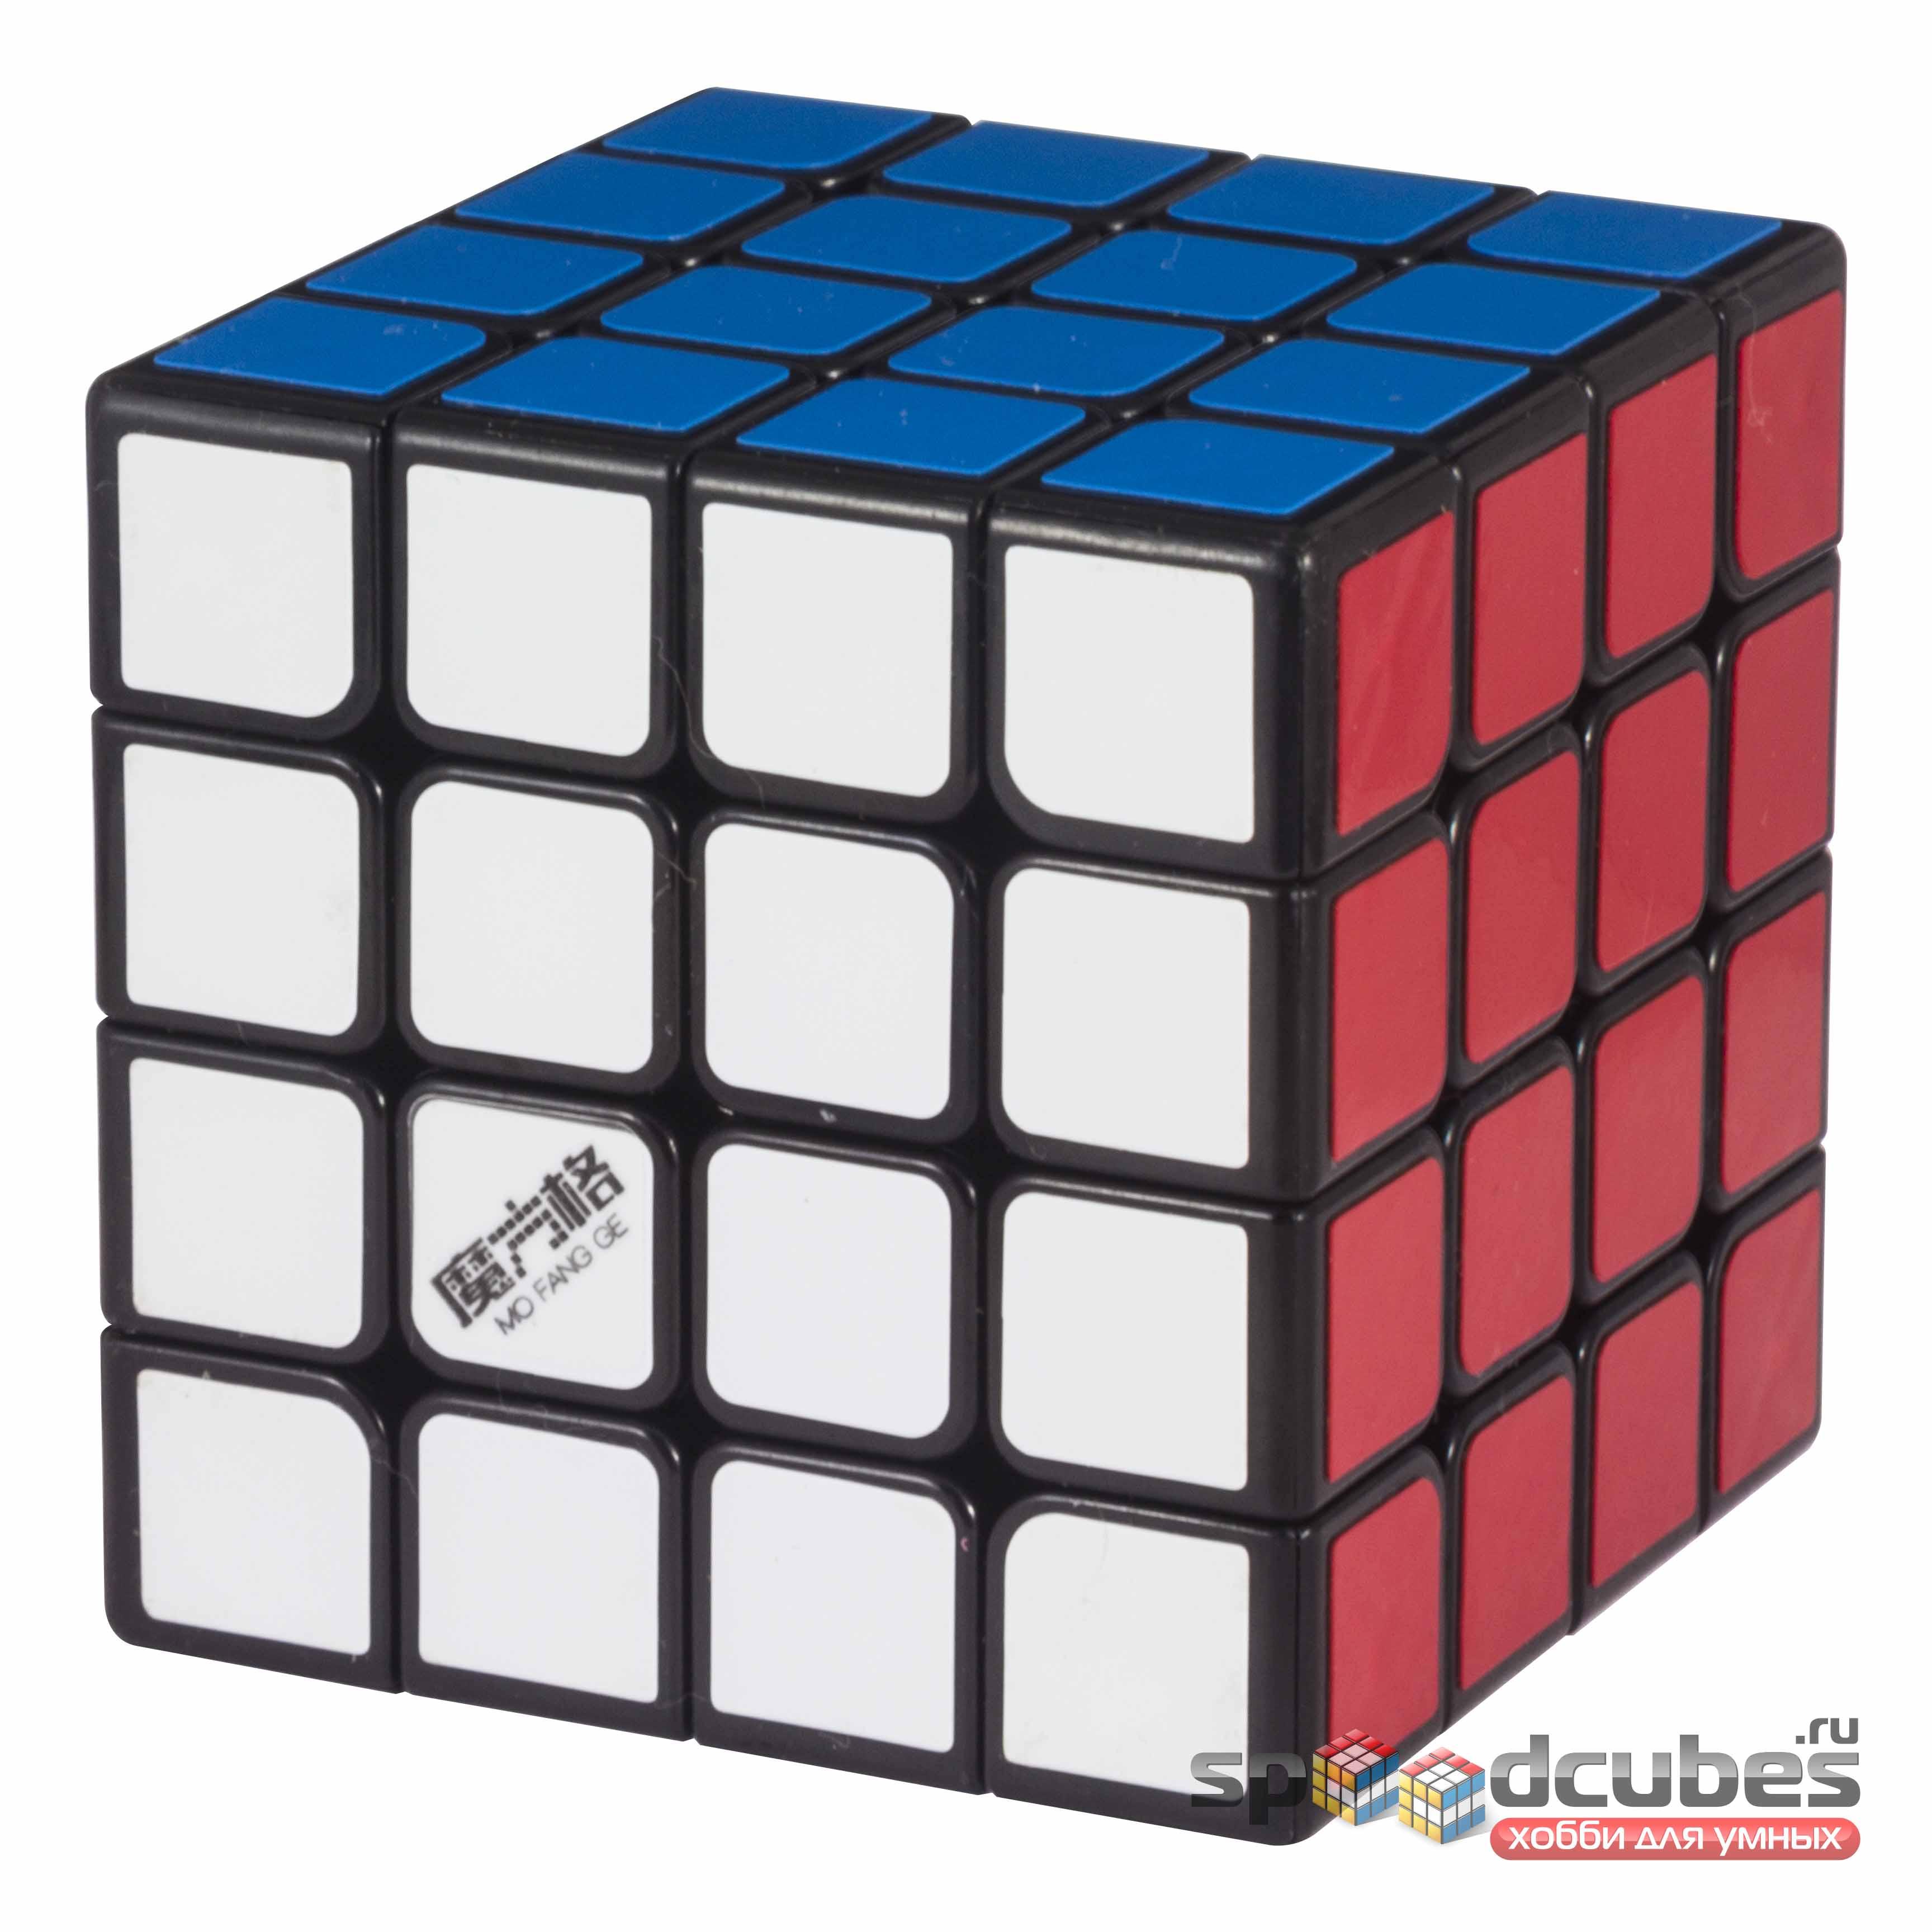 QiYi (MoFangGe) 4x4x4 Thunderclap 6,0 Cm